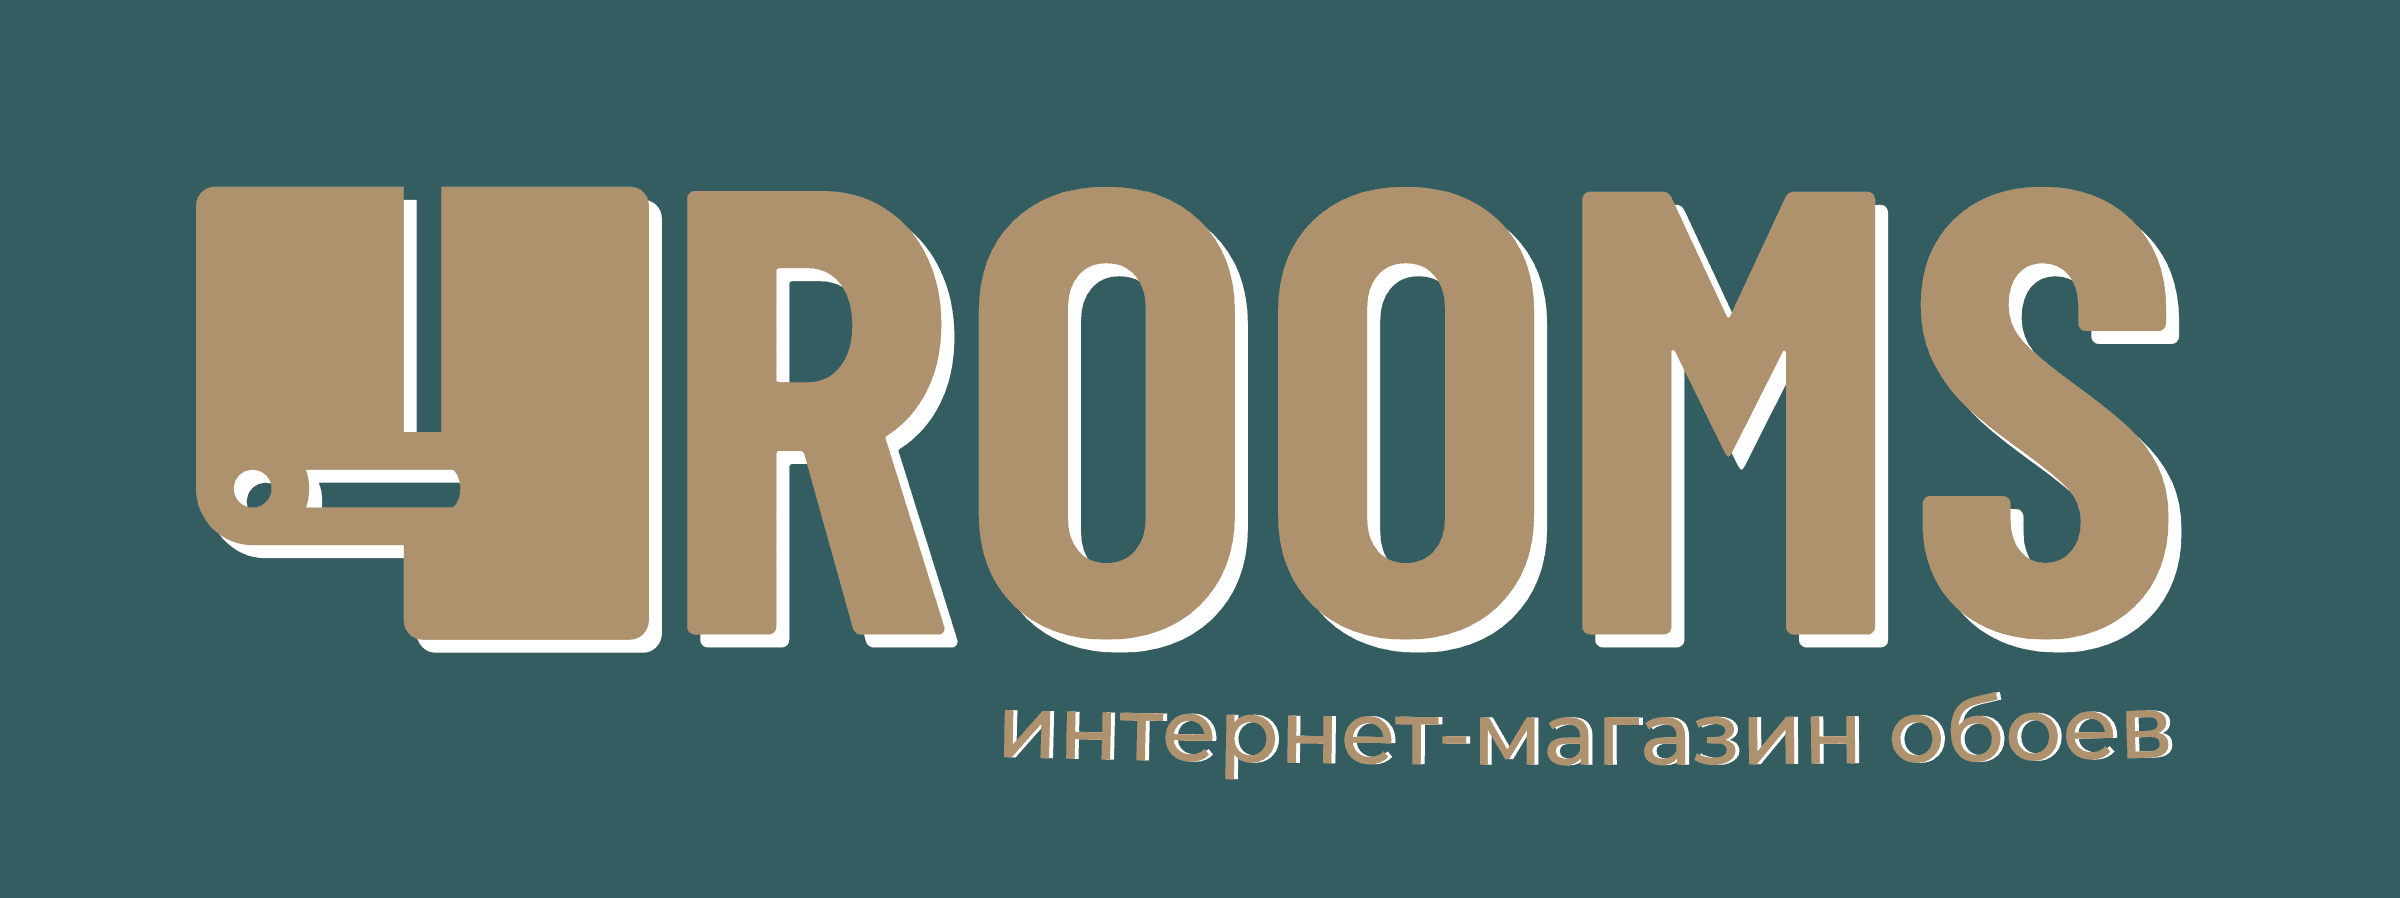 Купить обои в Украине | Интернет магазин обоев 4ROOMS